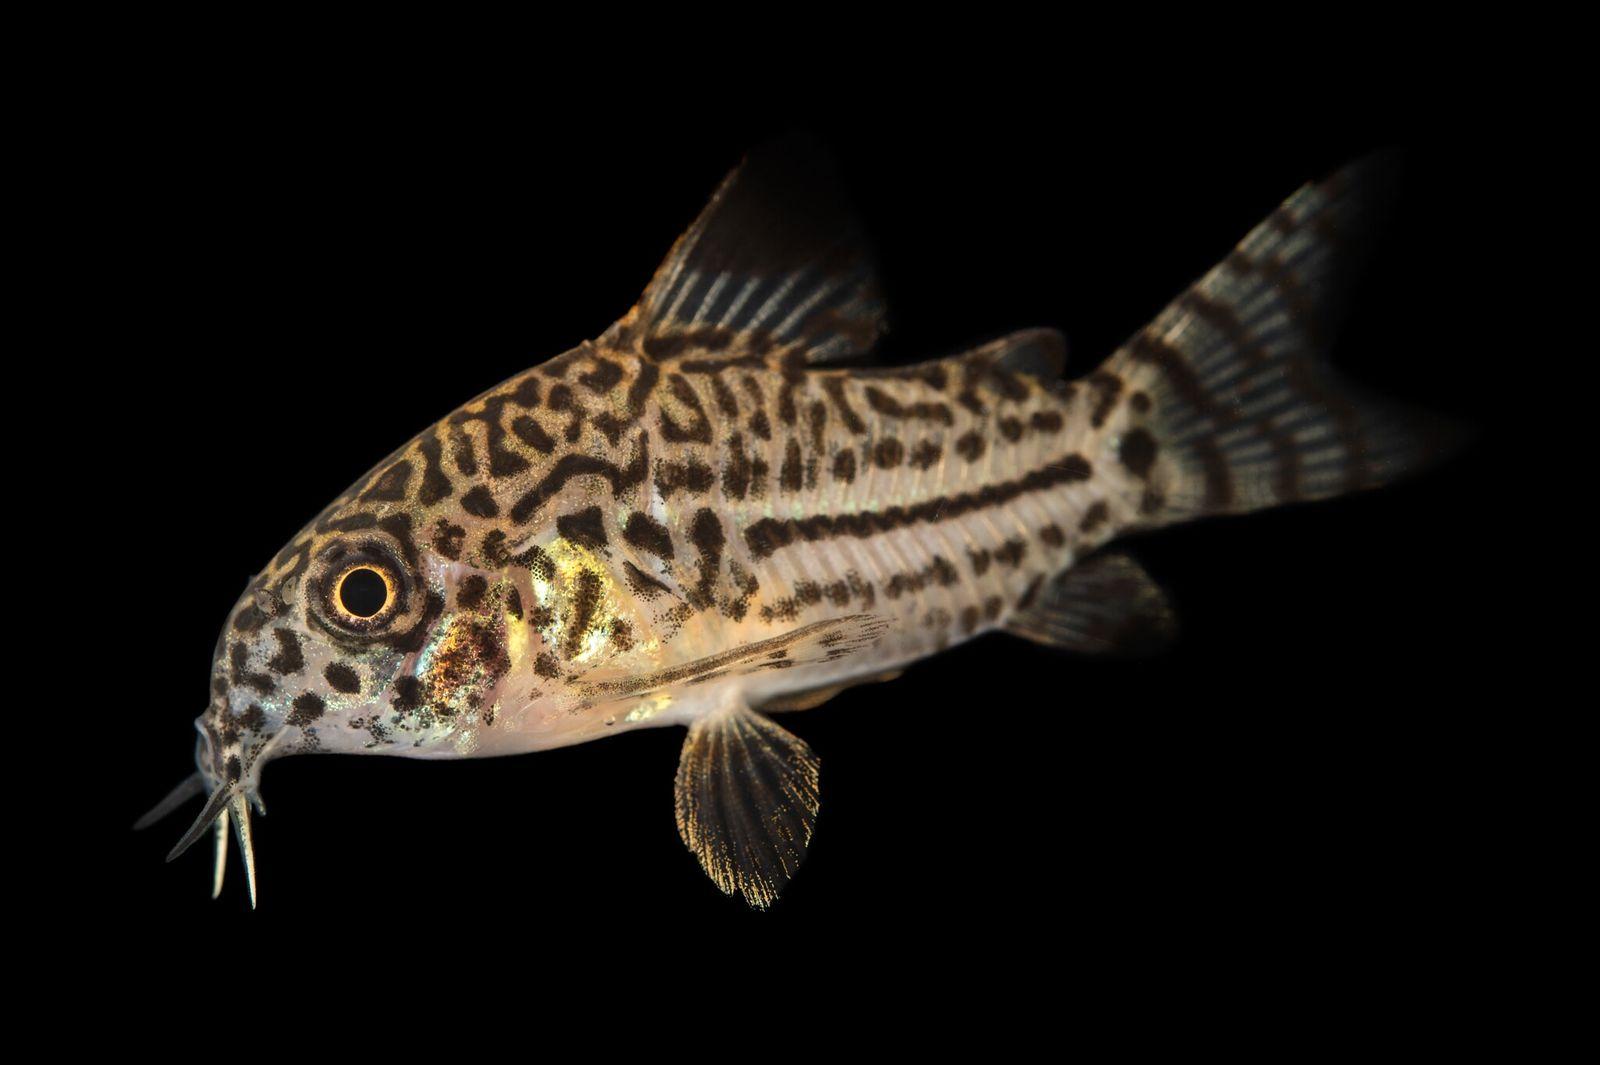 ¿Cómo estos peces del Amazonas sobreviven a las mordeduras de las pirañas?